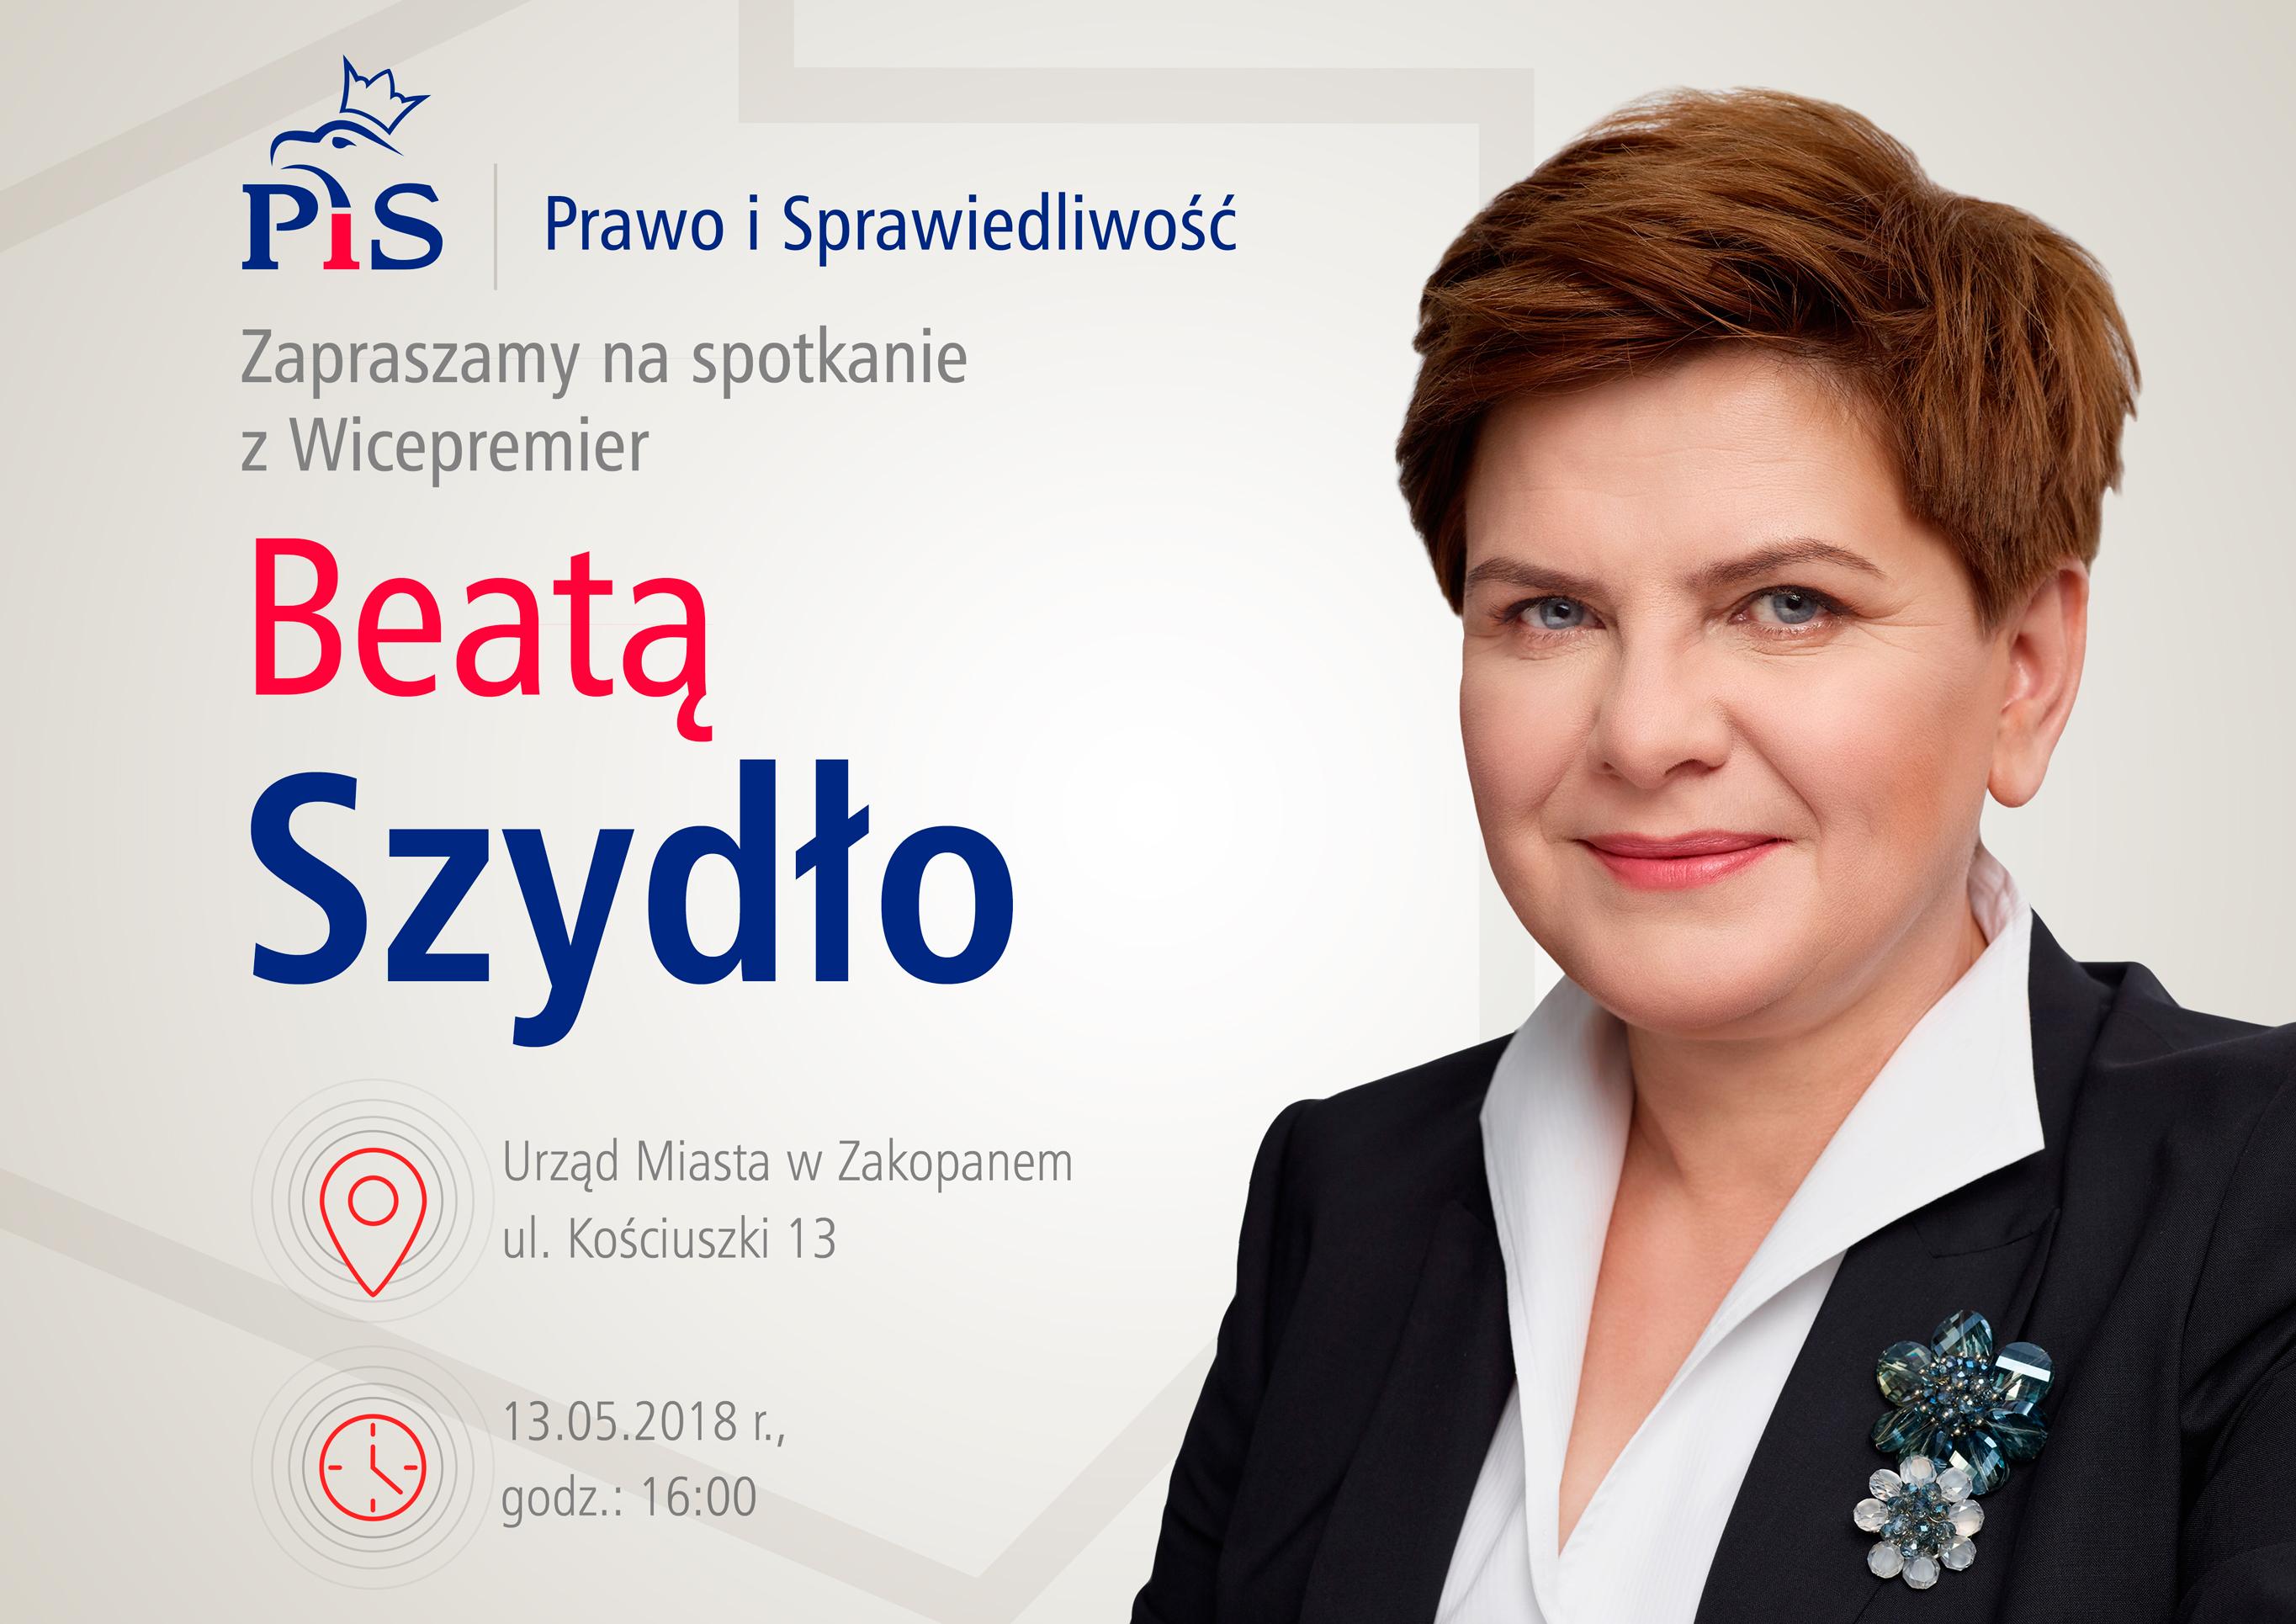 Premier Beata Szydło W Zakopanym Już W Niedzielę Mateusz